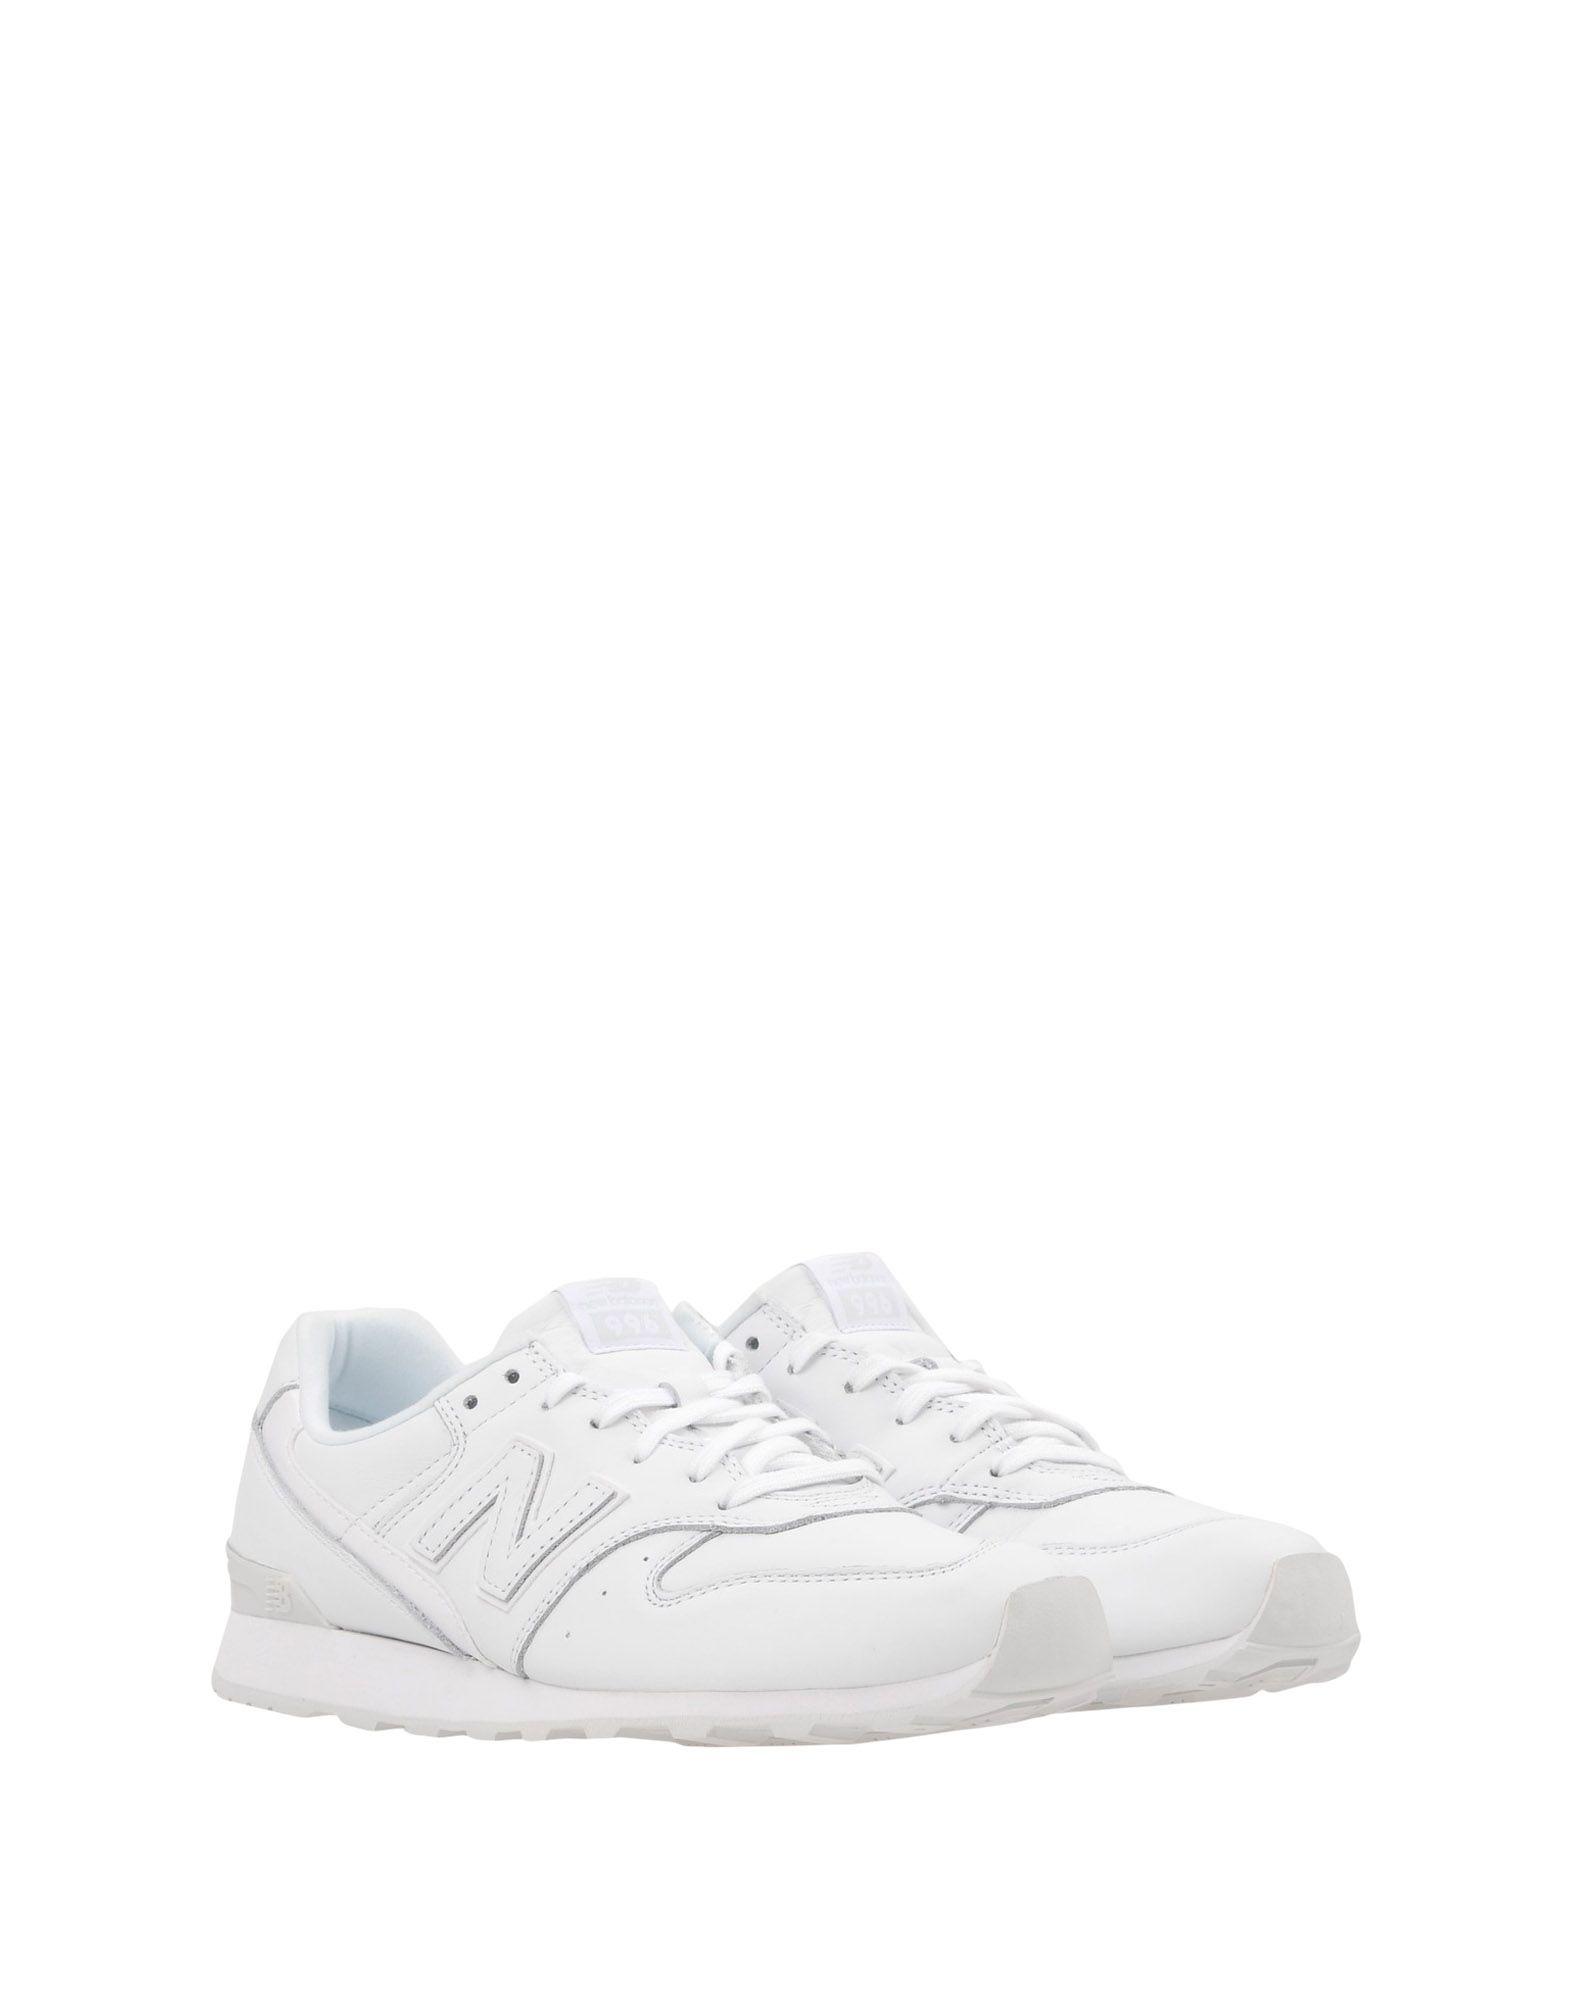 New Balance 996 Black&White    11333380IG Gute Qualität beliebte Schuhe 11aee0